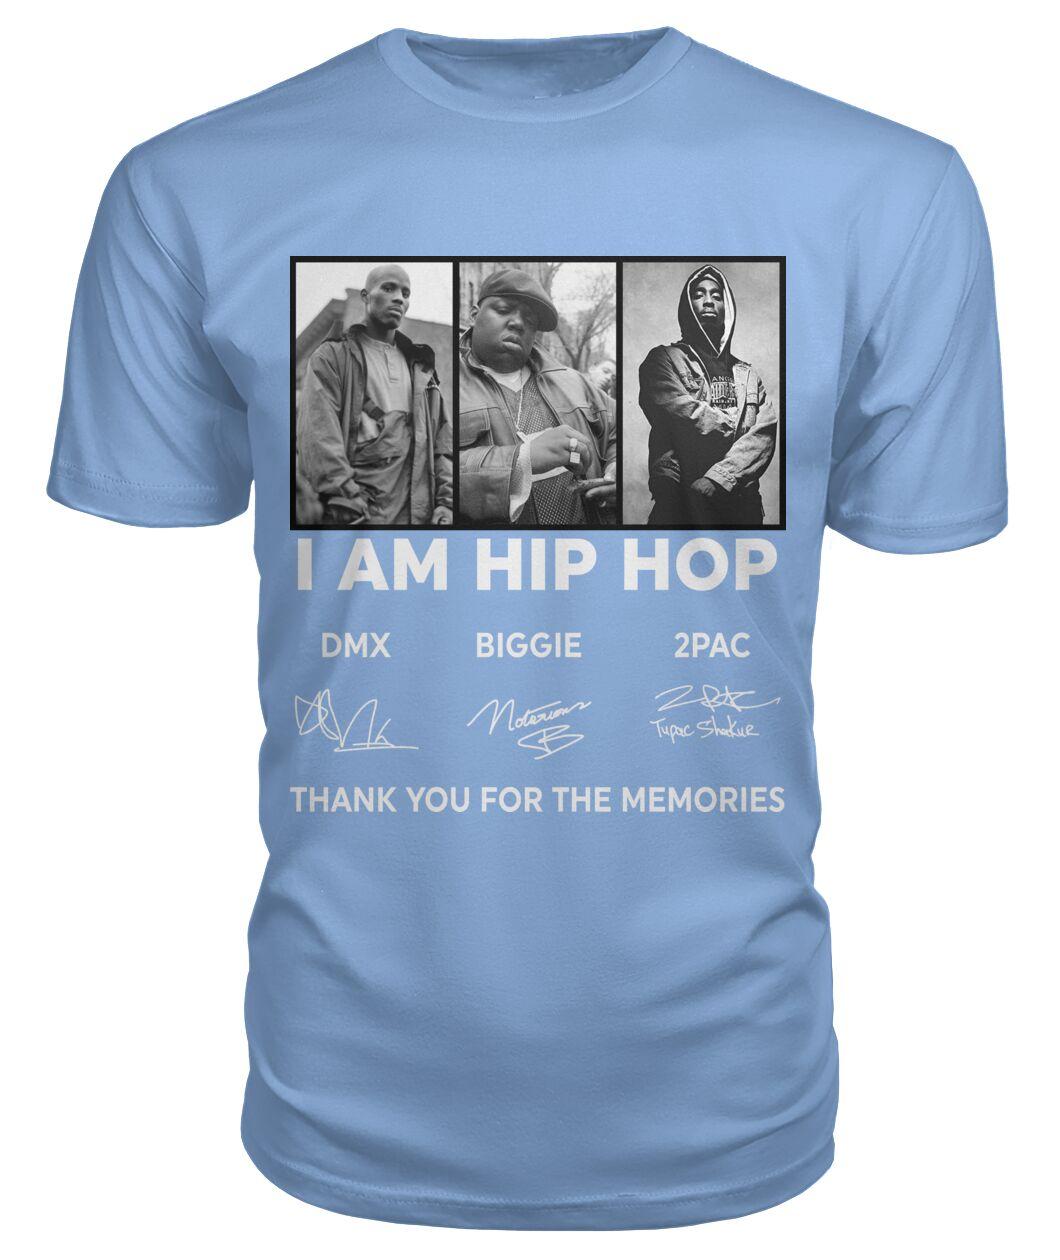 DMX Biggie 2PAC I am hip hop thank you for the memories shirt